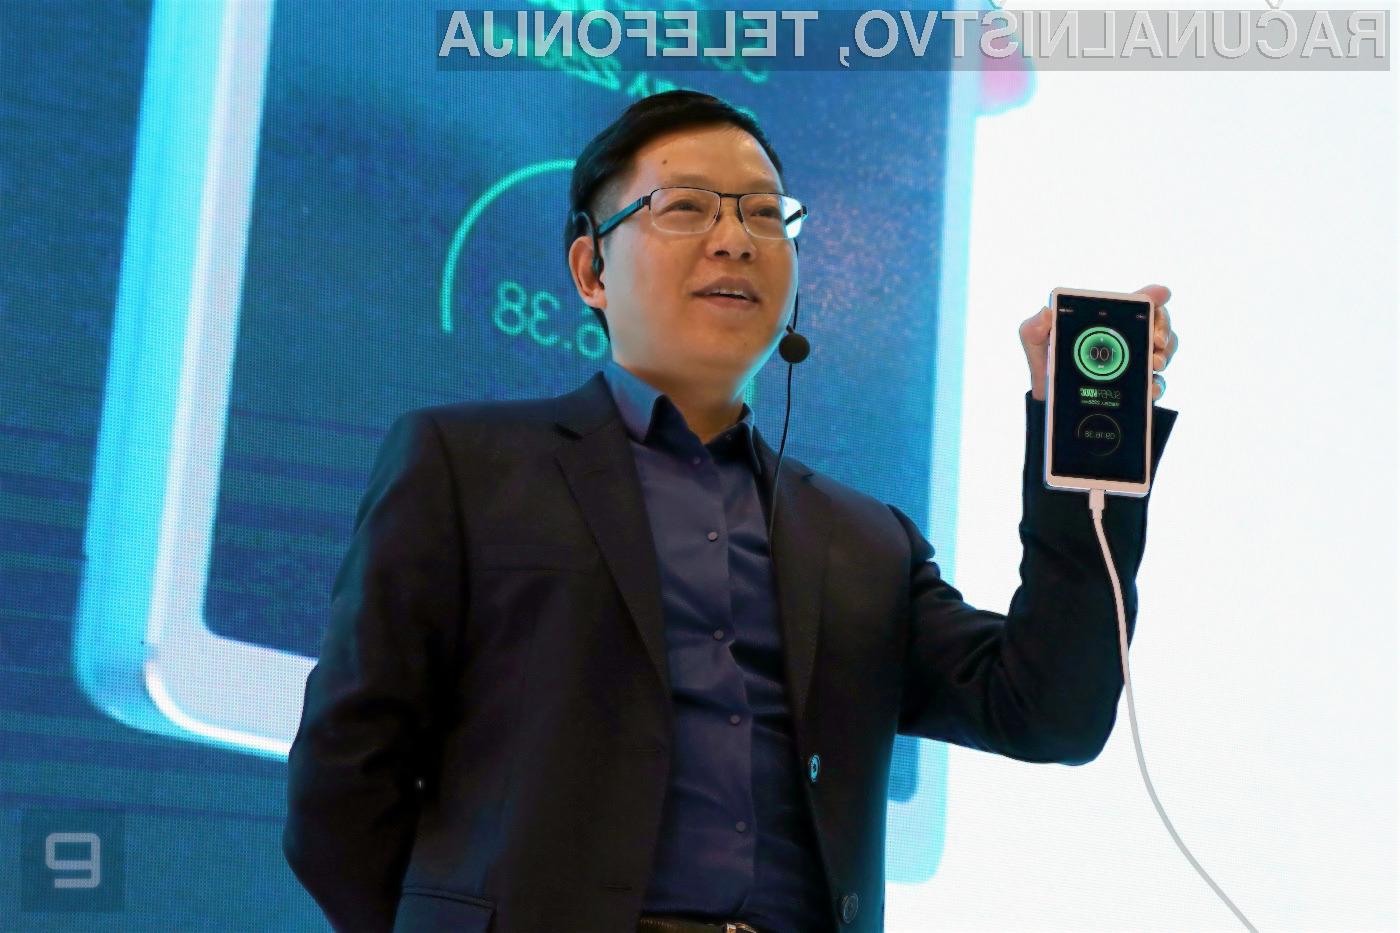 Oppo SuperVOOC lahko povsem izpraznjeno baterijo mobilnega telefona napolni v pičlih 15 minutah.